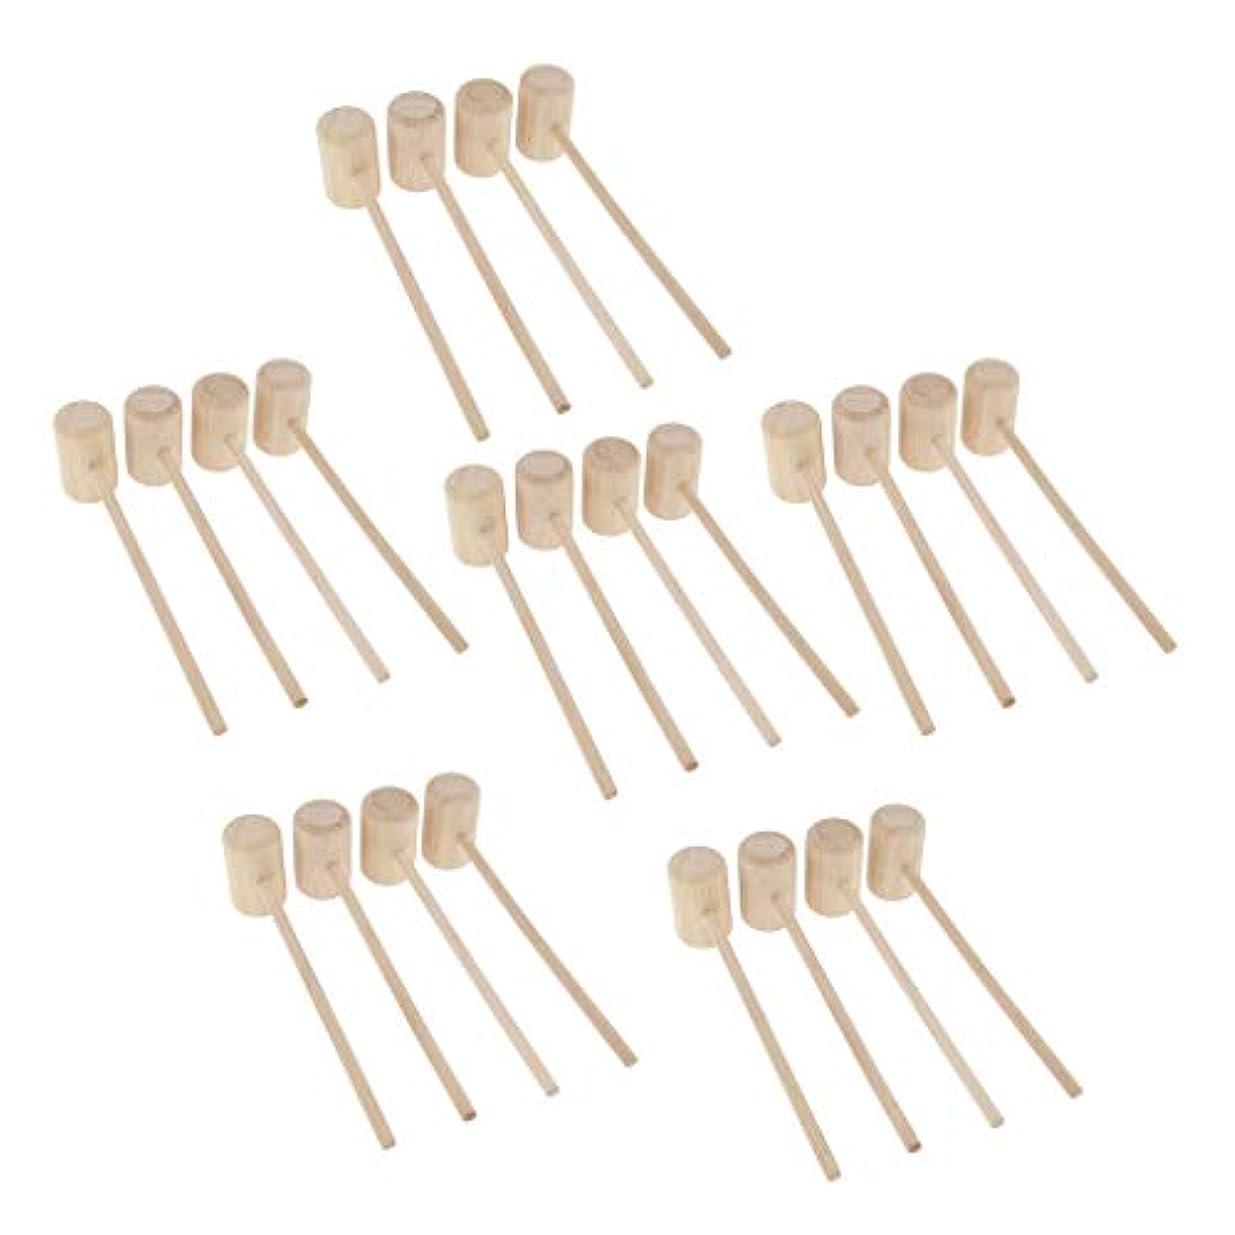 ビヨン妖精鼻木製ハンマー マッサージハンマー DIY 手作り 軽量設計 ストレス解消 疲労緩和 24ピース